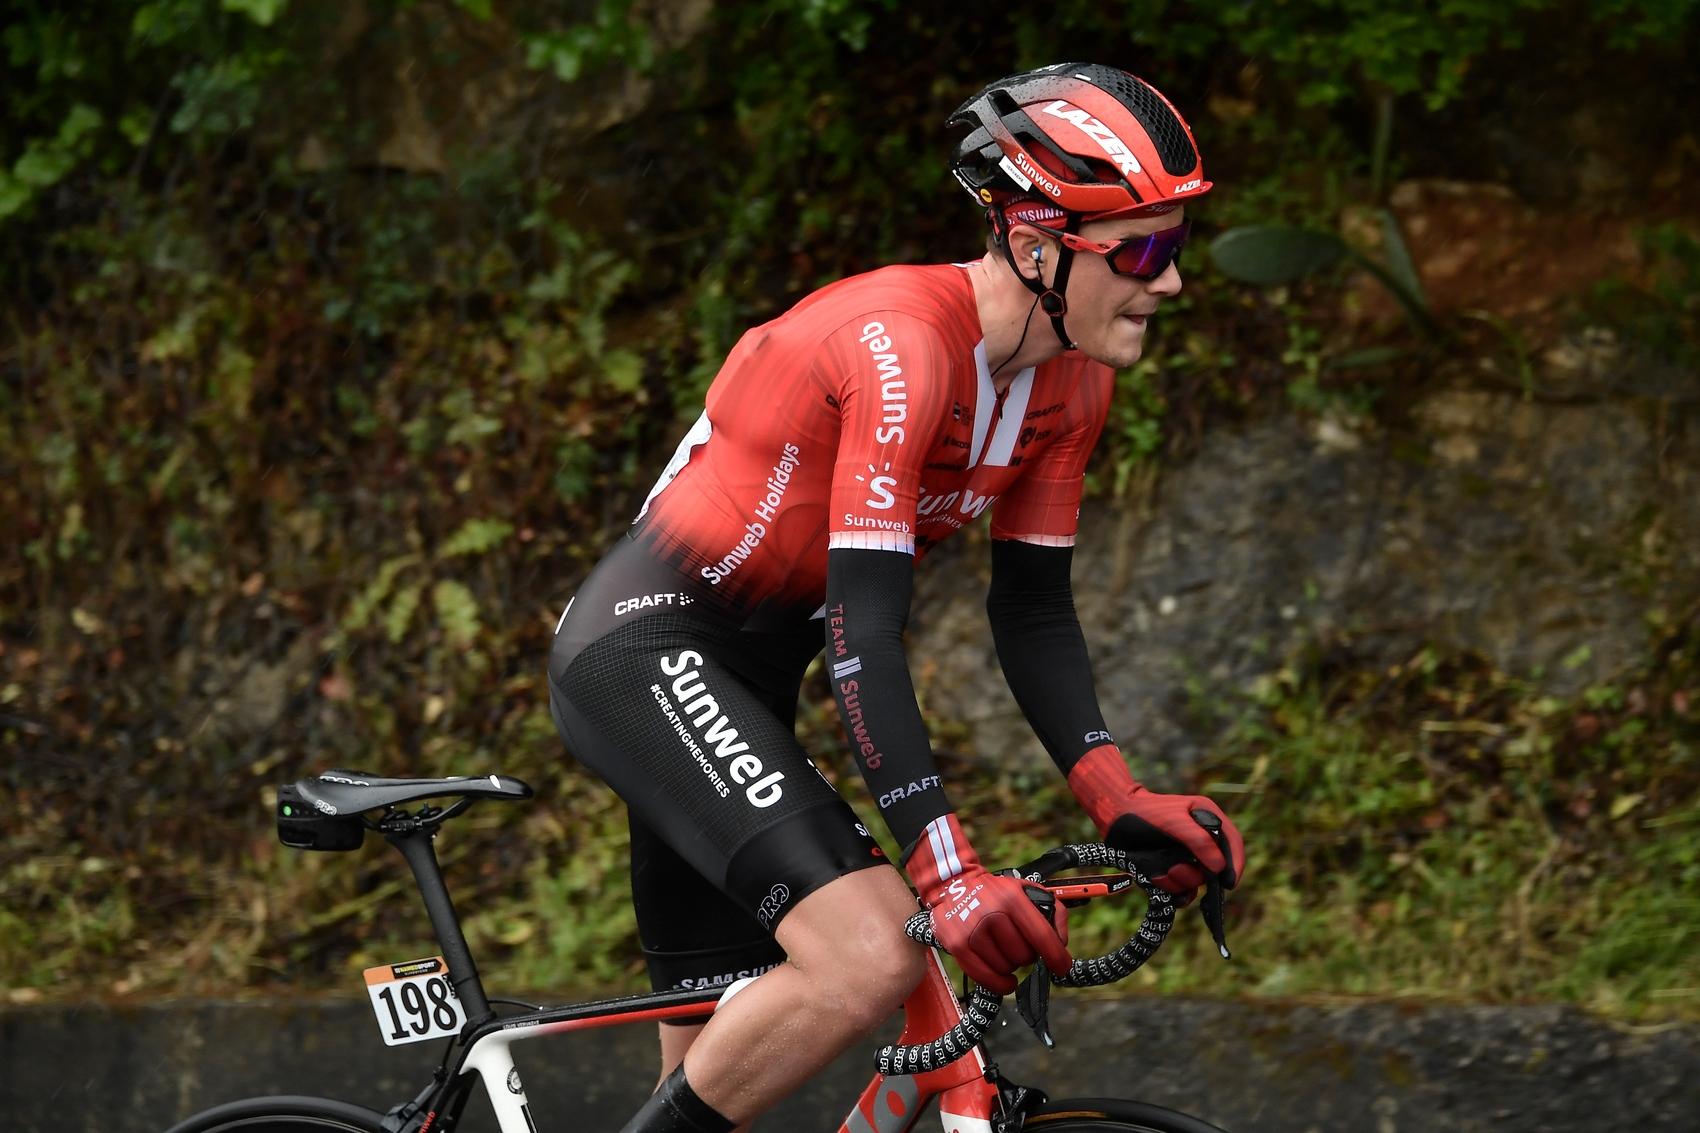 c05a22b15e814 Giro: V 5. etape silno pršalo, záver neutralizovali, tešil sa ...